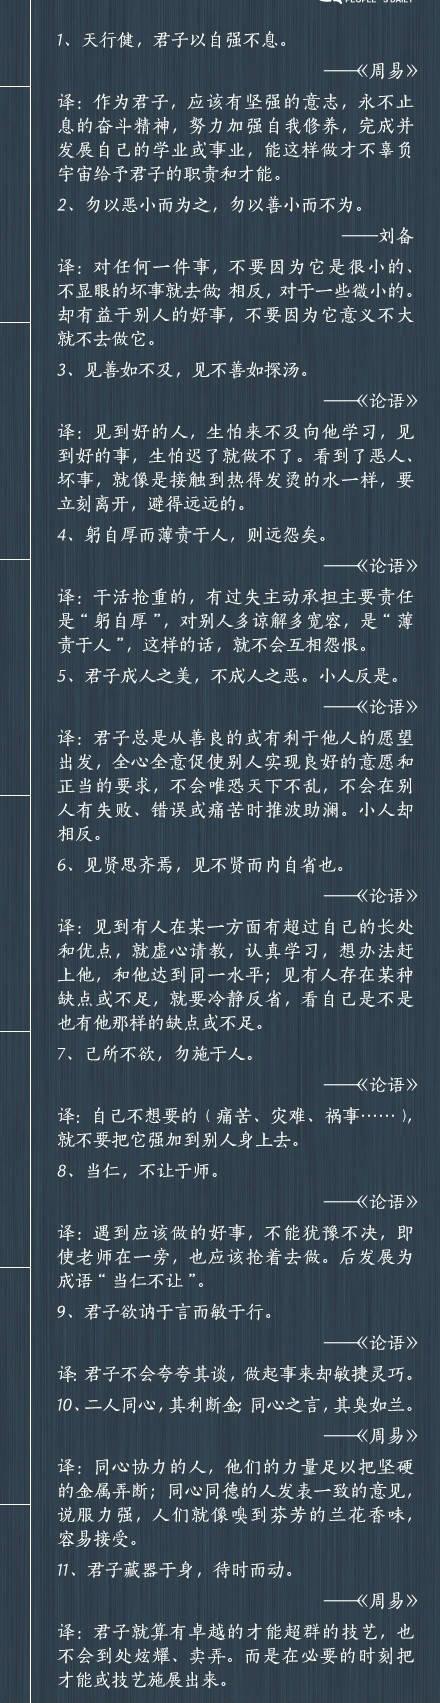 中国古代经典励志名言100句